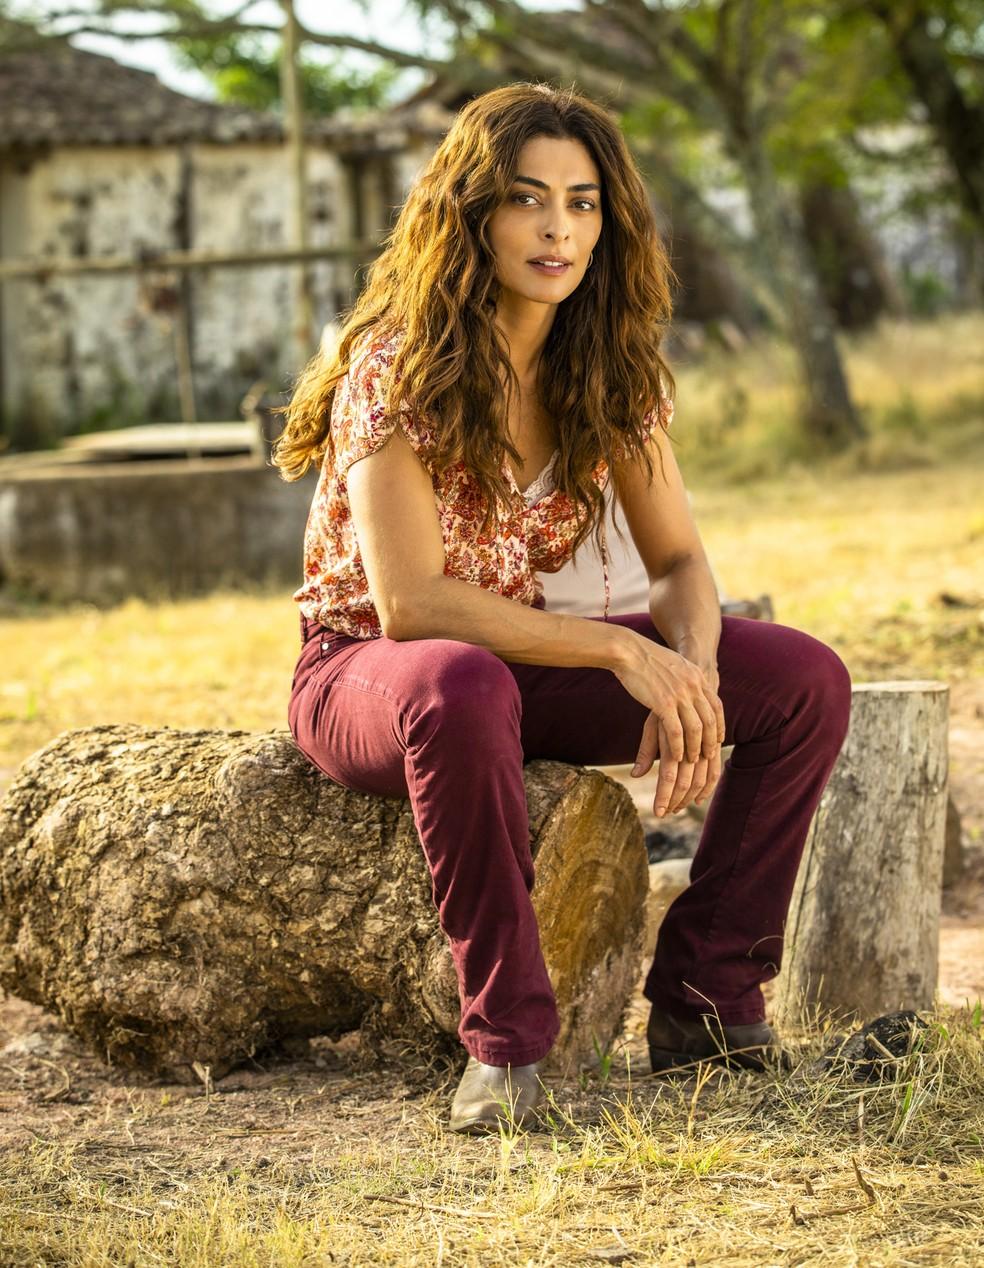 Em 'A Dona do Pedaço', Juliana Paes interpreta a protagonista Maria da Paz — Foto: TV Globo/João Miguel Jr.